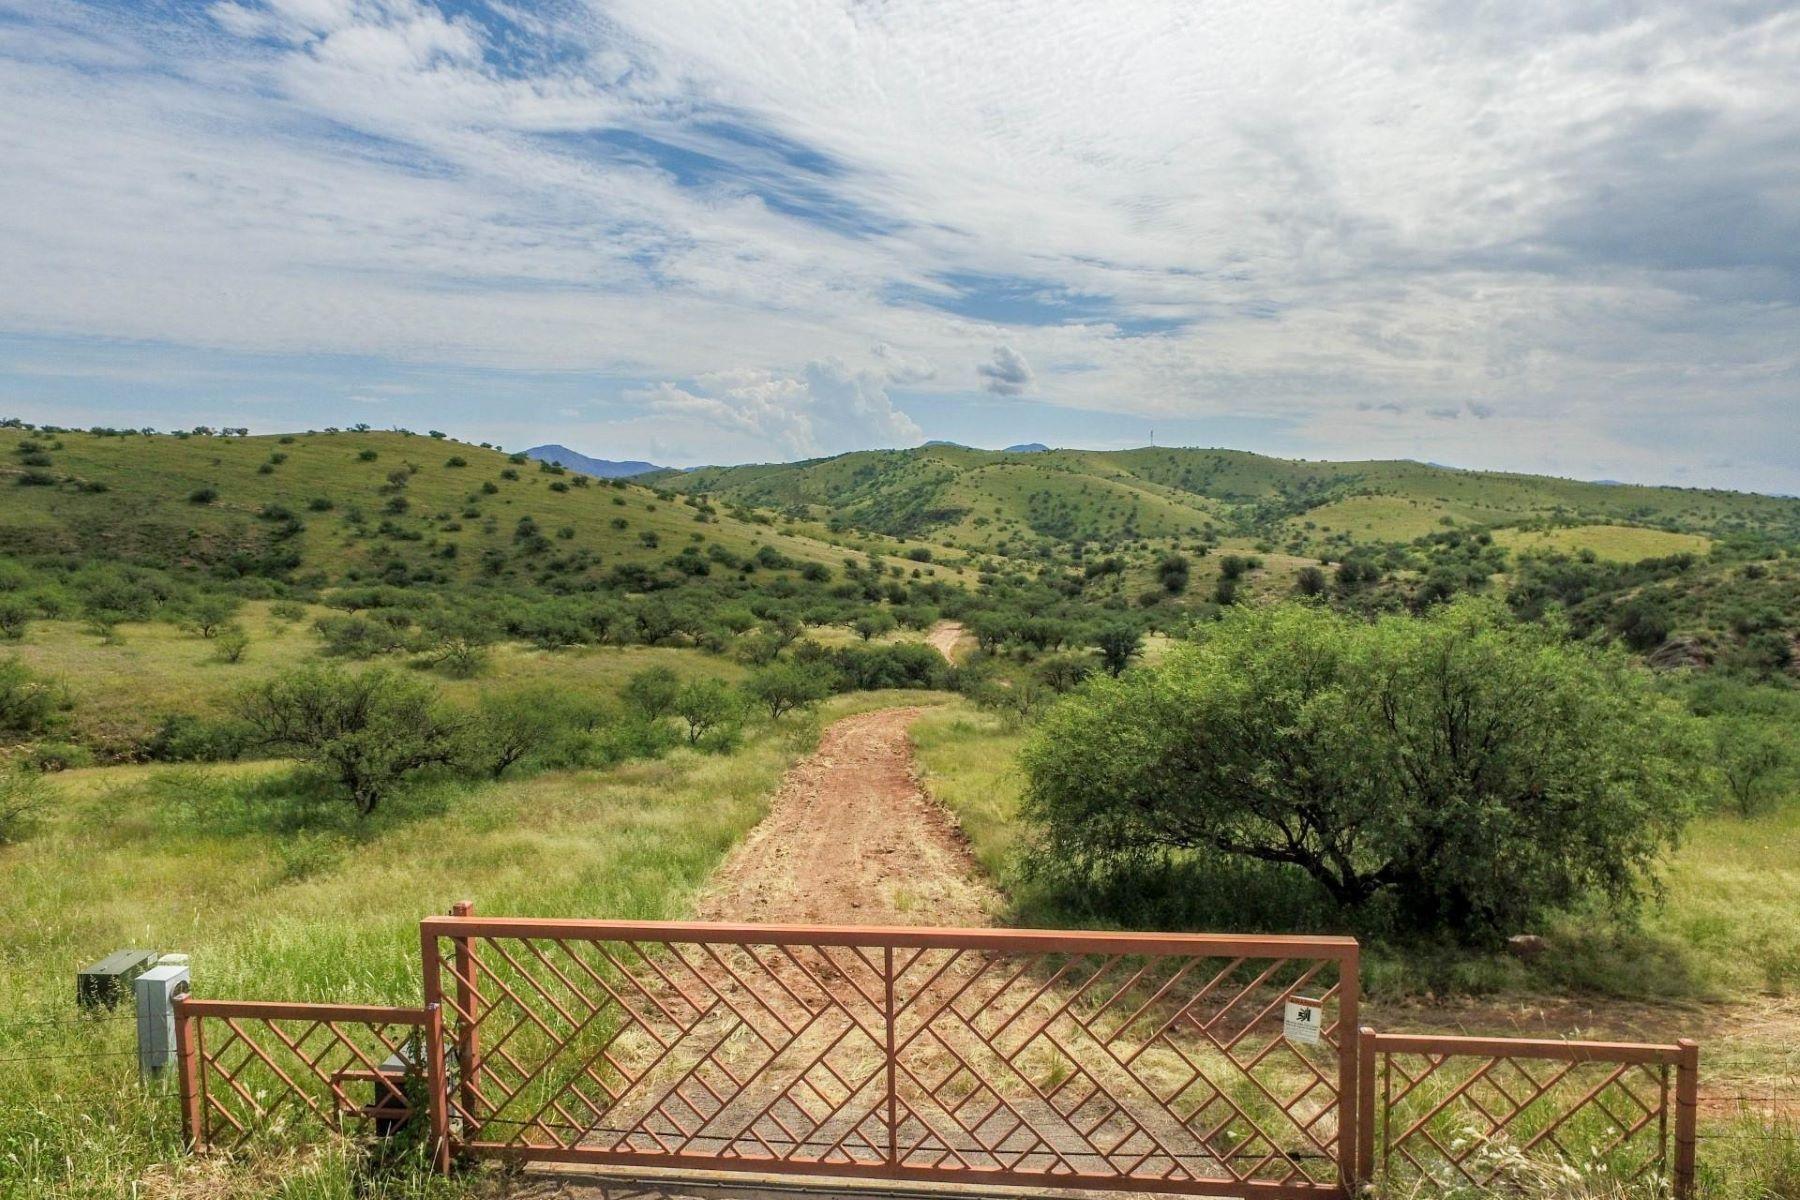 Terreno por un Venta en Incredible 5 Acre Home-site Tbd Nogales Lot 1, Nogales, Arizona, 85621 Estados Unidos